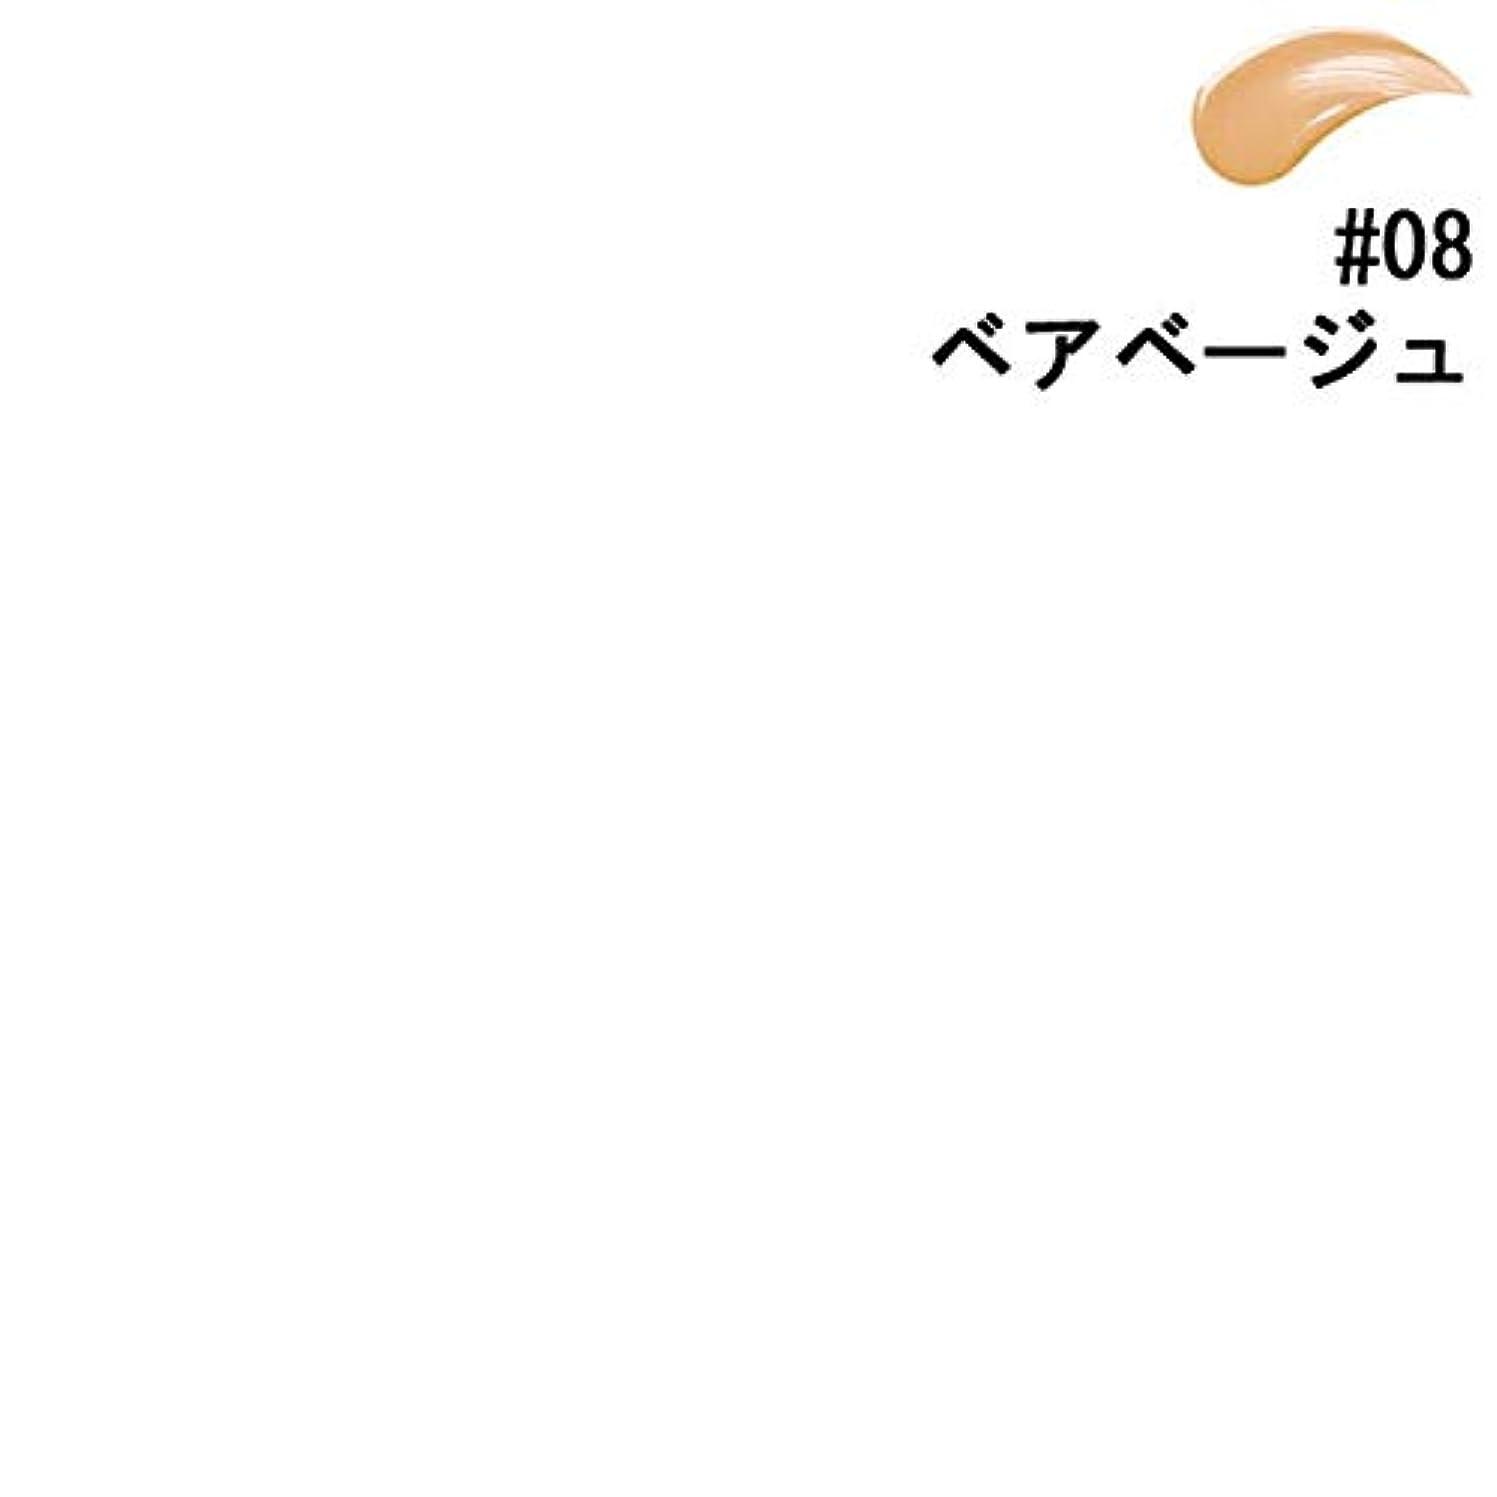 候補者熱心アルカトラズ島【ベアミネラル】ベアミネラル ベア ファンデーション #08 ベアベージュ 30ml [並行輸入品]